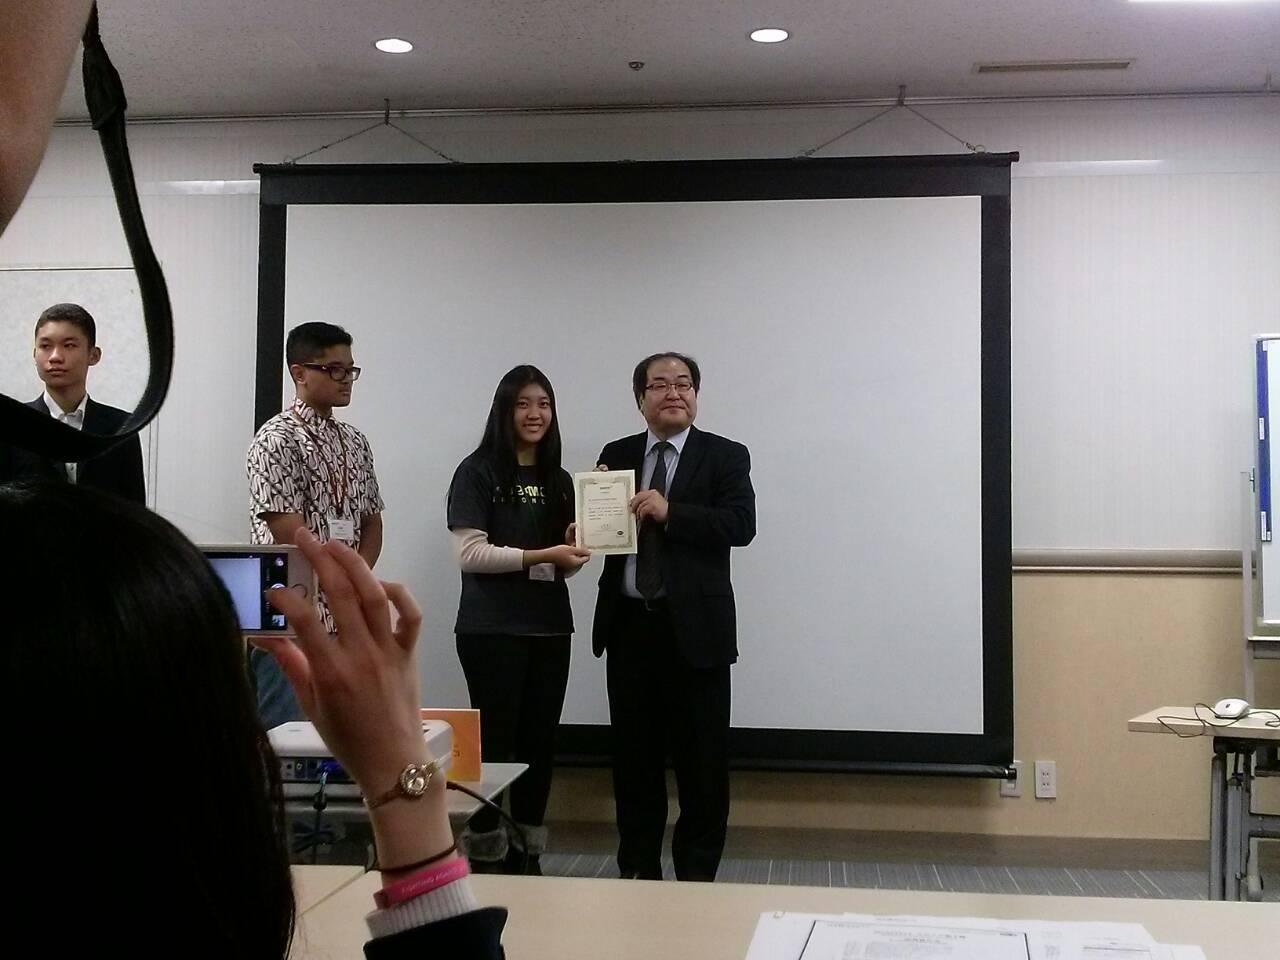 Rosalyn sebagai wakil Indonesia yang mendapat sertifikat penghargaan